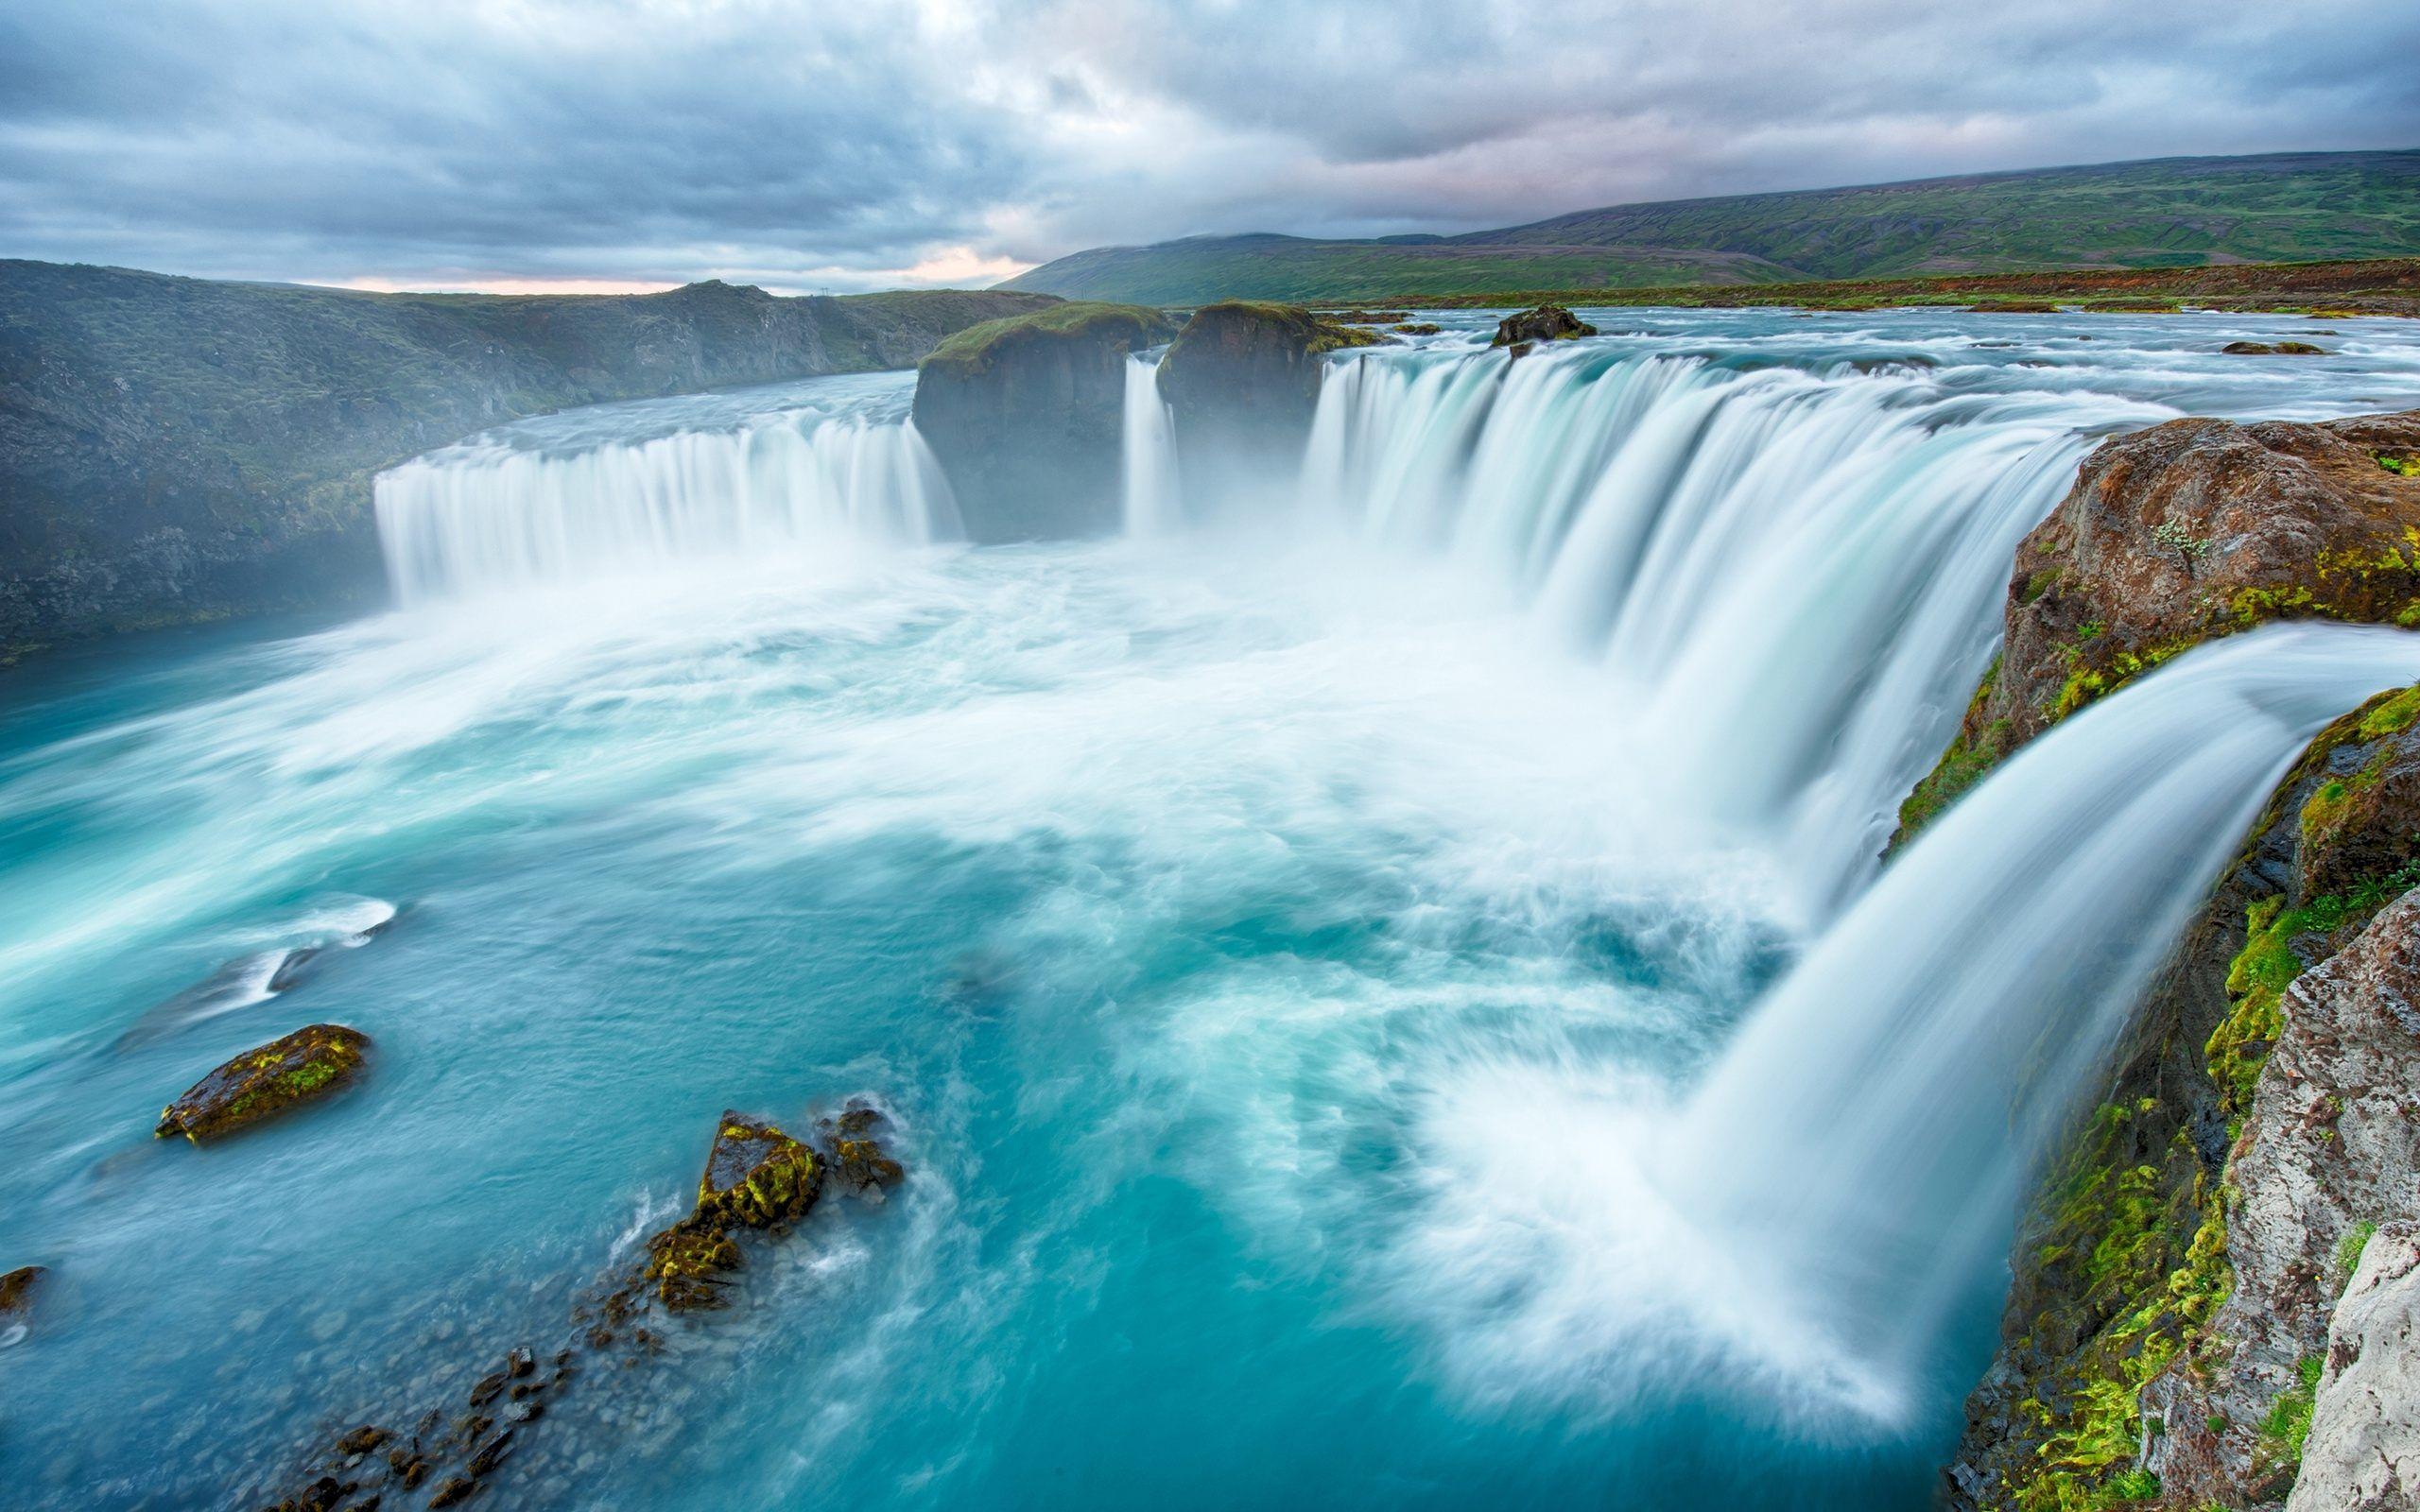 Beautiful Waterfalls Hd Wallpaper For Desktop Mobile Beautiful